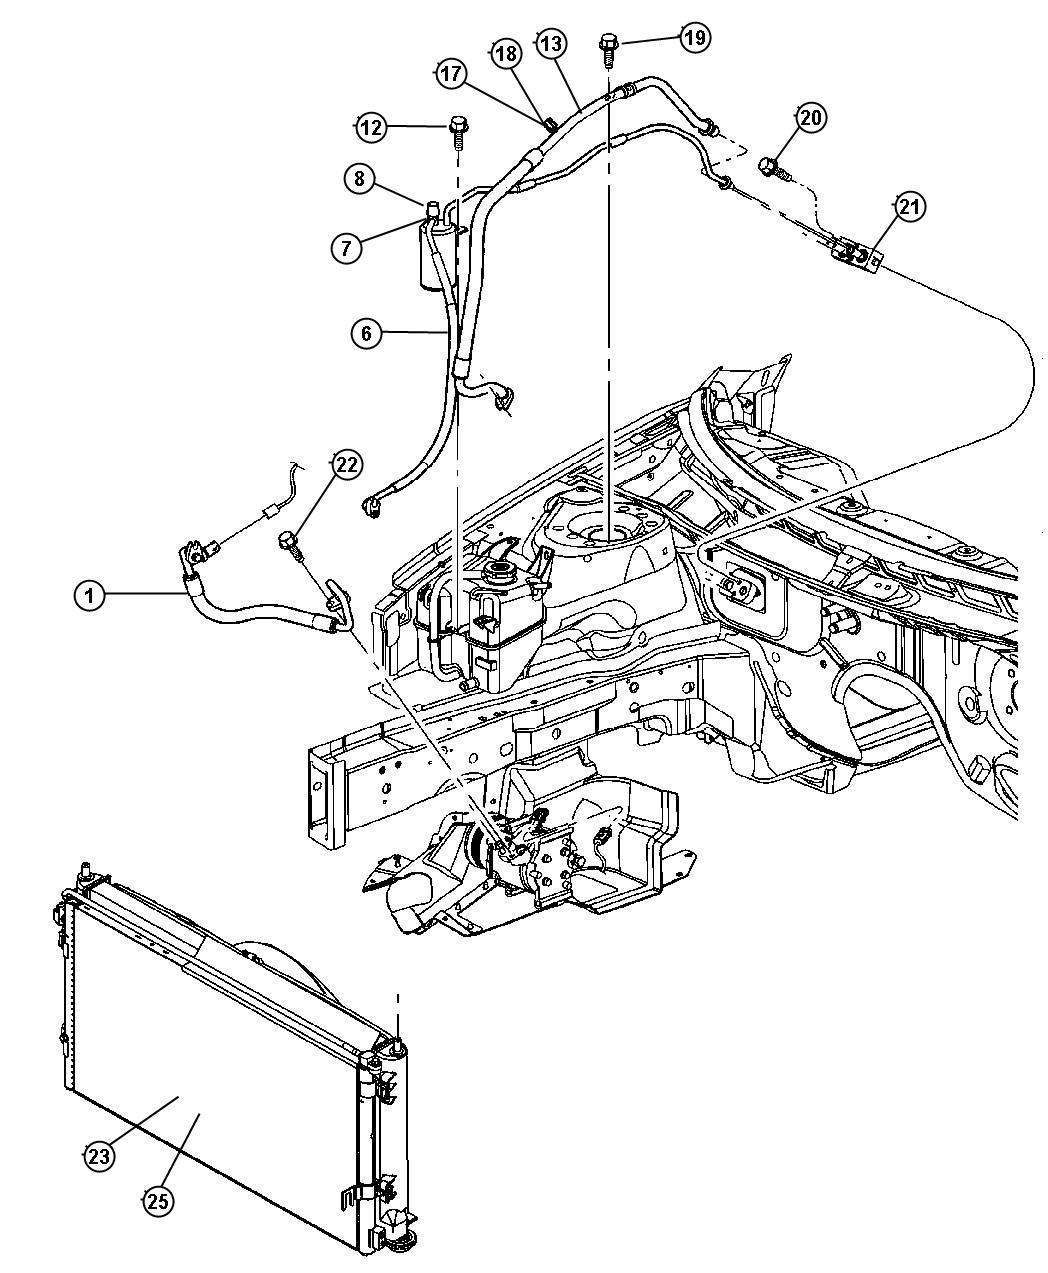 2001 Chrysler Sebring Plumbing, Air Conditioning.